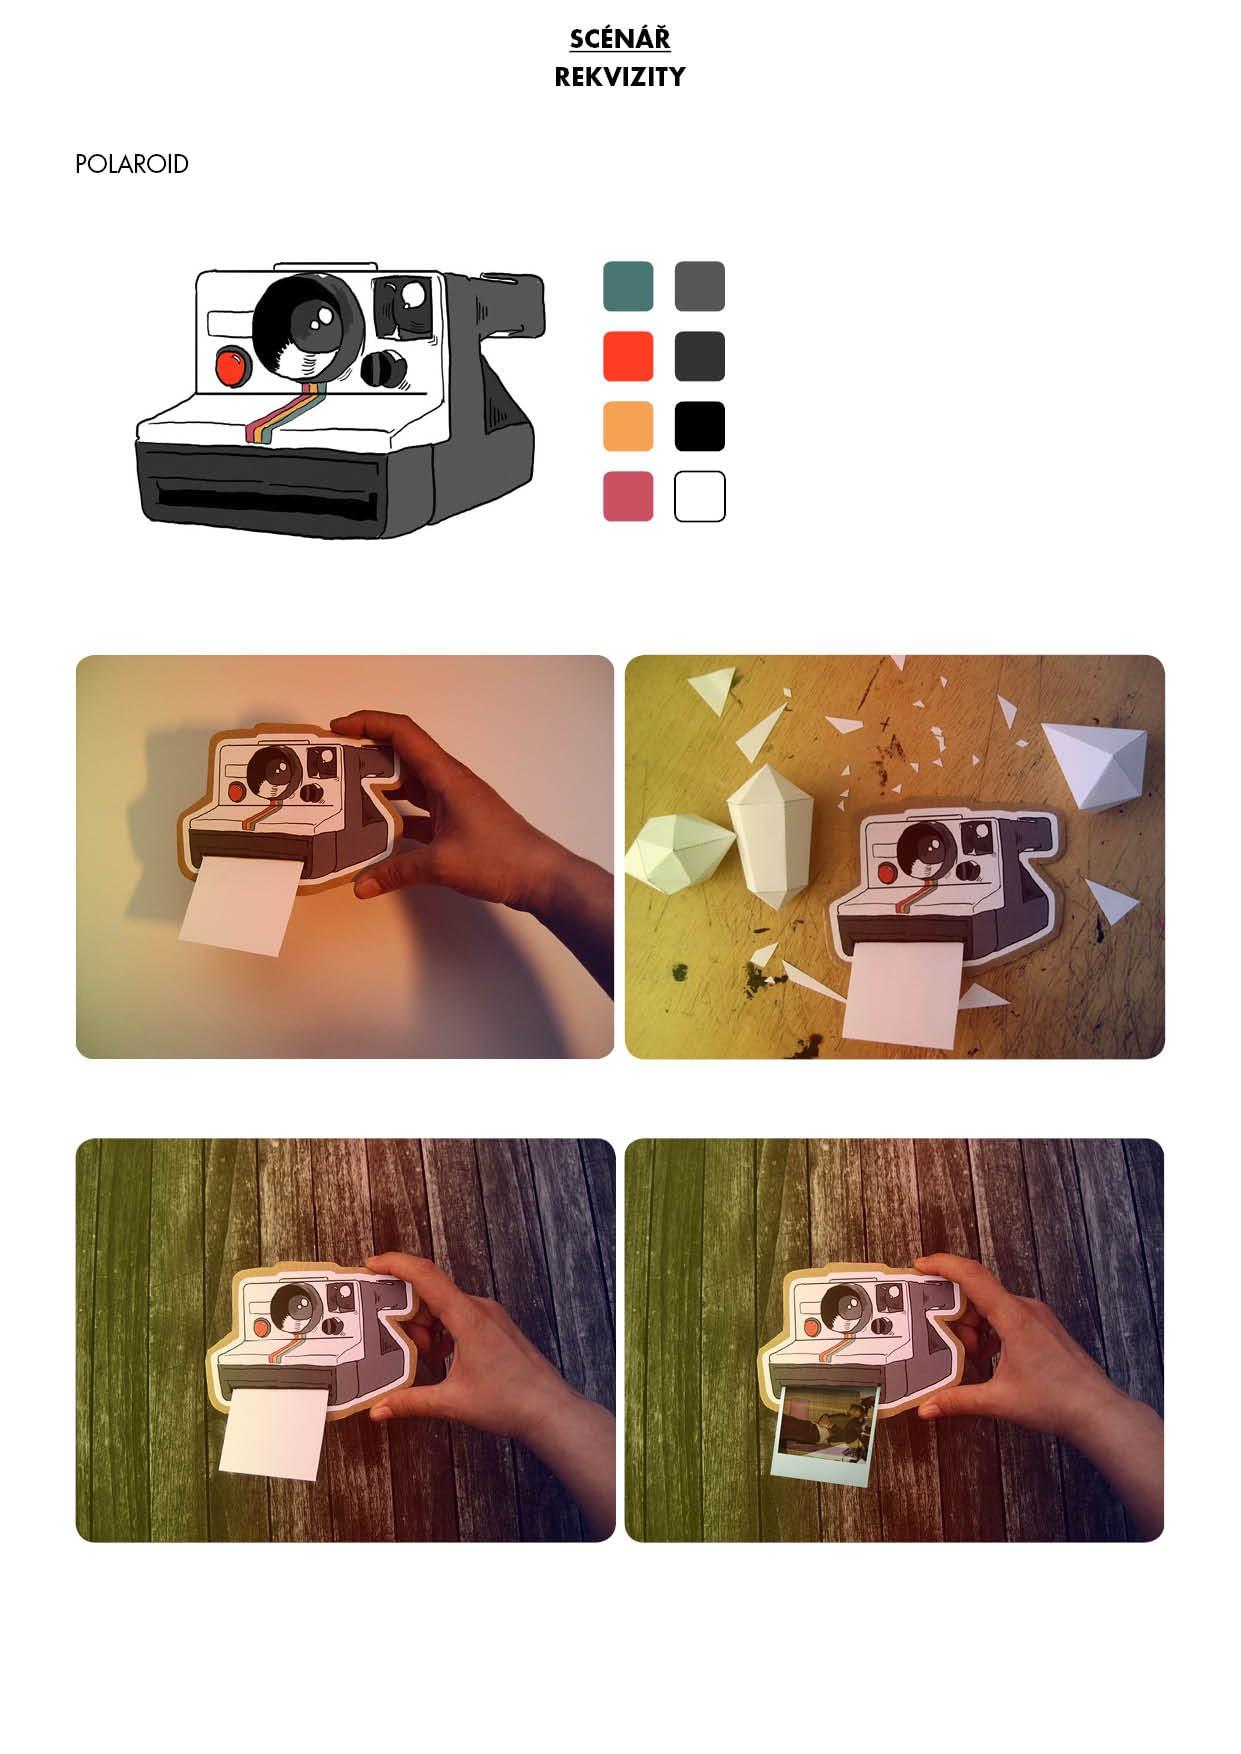 Náhled papírové kulisy / polaroid